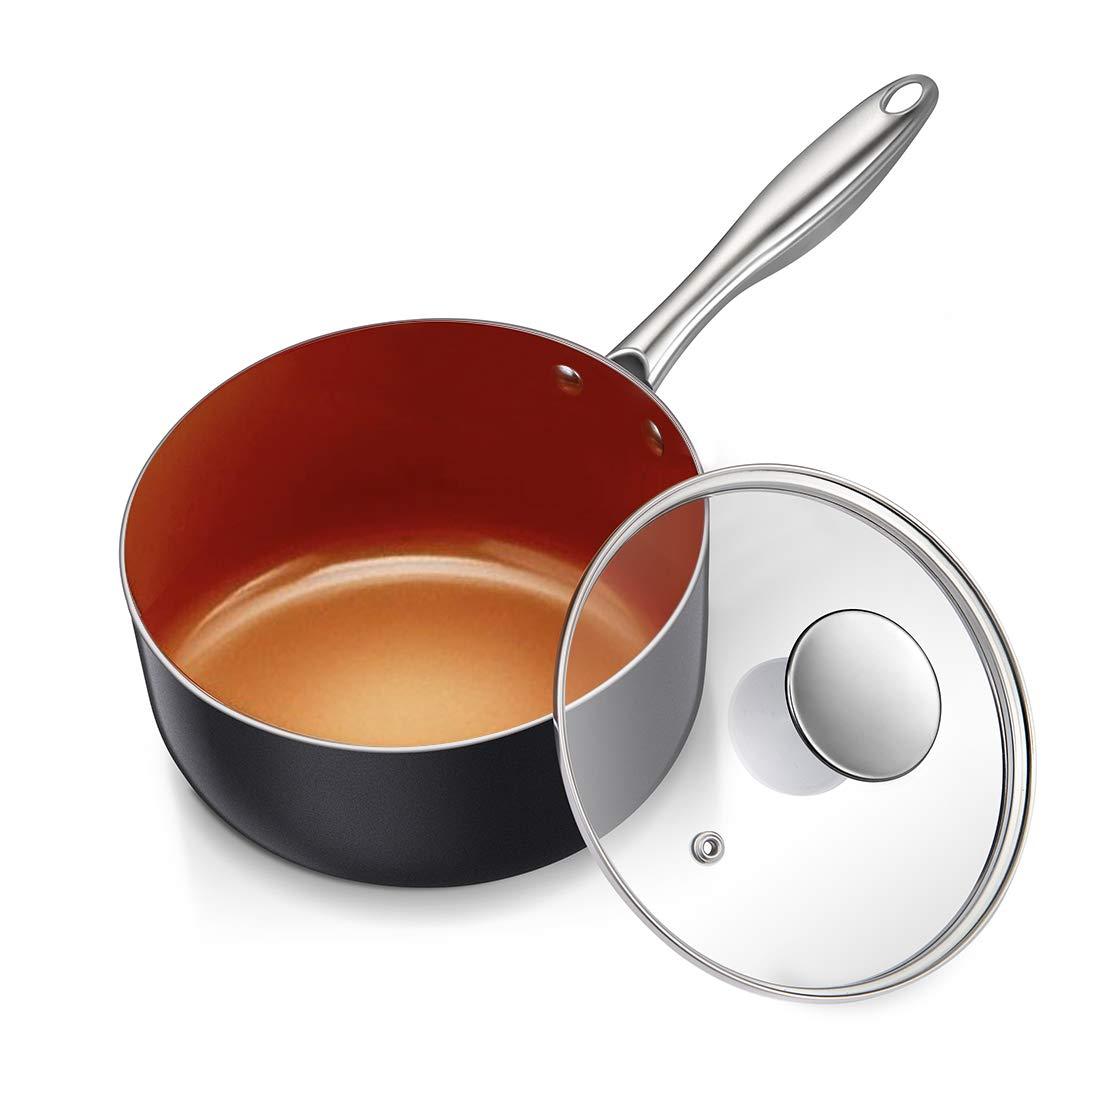 MICHELANGELO 3 Quart Sauce Pan with Ultra Nonstick Ceramic Titanium Coating, Nonstick Saucepan with Lid, Copper Saucepan, Ceramic Sauce pan, 3Qt Saucepan with Lid, Small Sauce Pot, Copper Pot - 3 Qt by MICHELANGELO